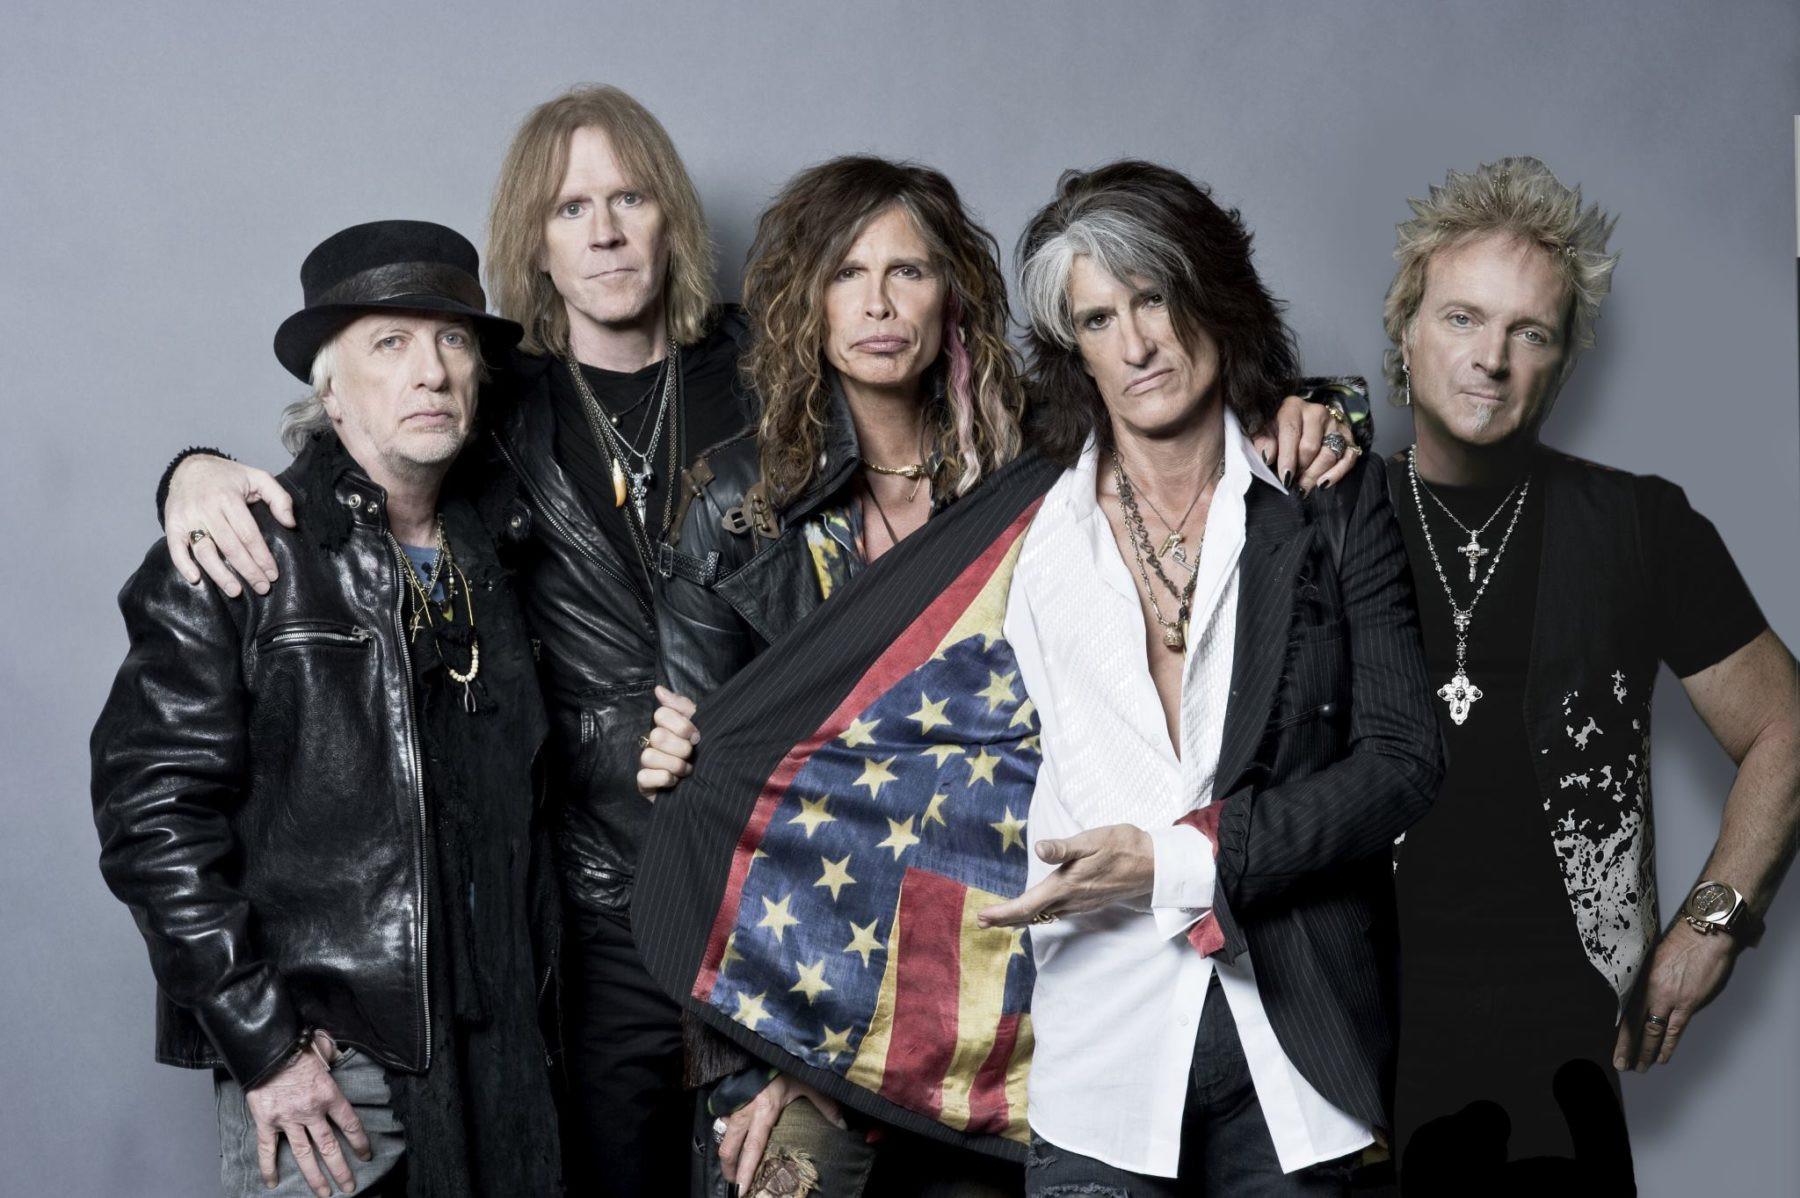 Рок-руппа Aerosmith исполнили песню вподдержку Манчестера наконцерте в столице